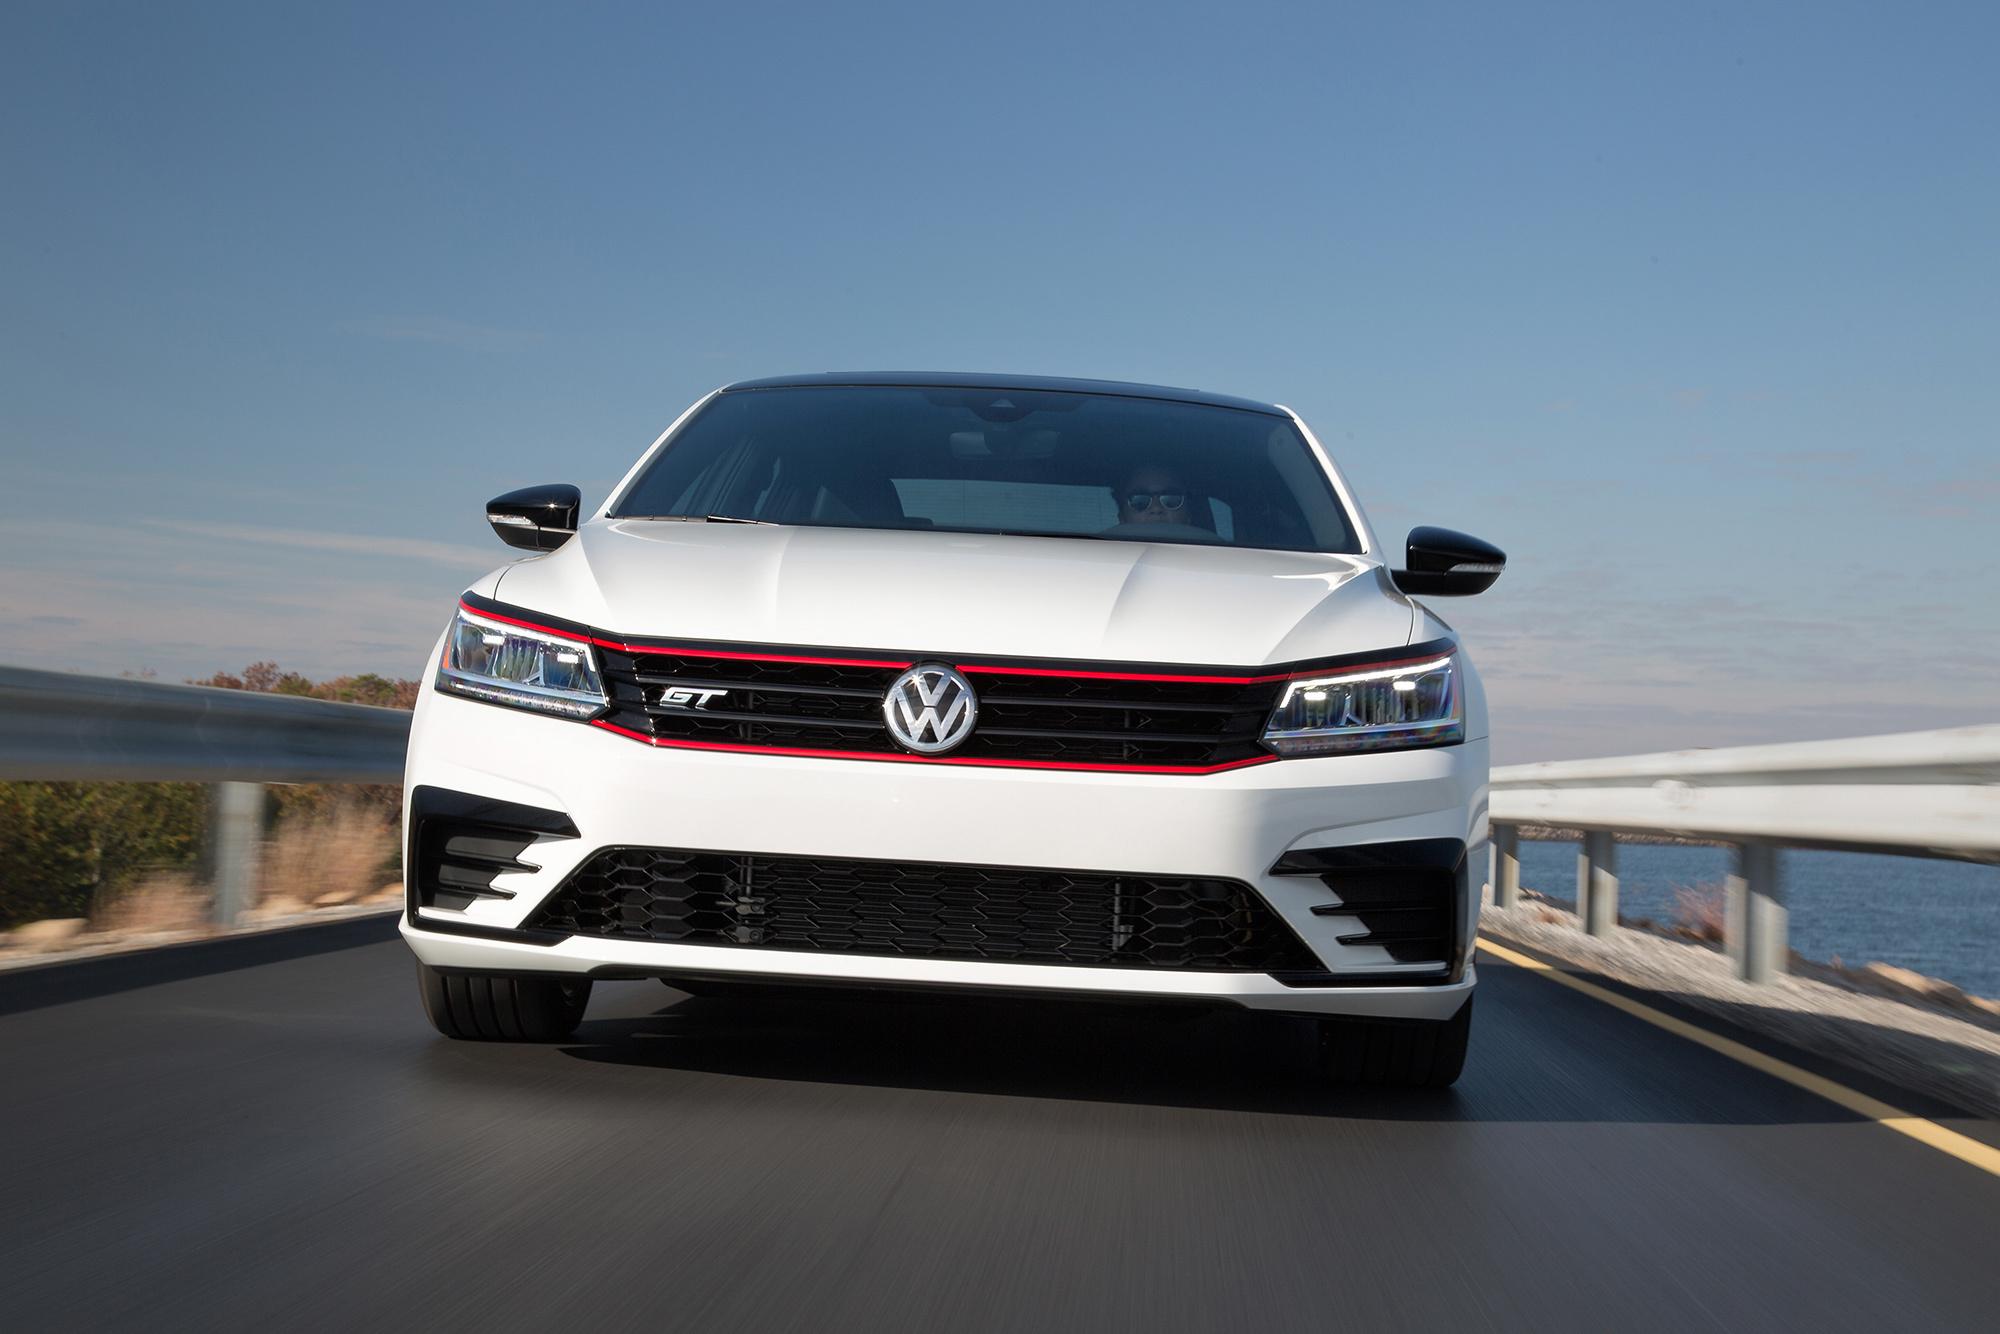 Volkswagen Passat Gt Images